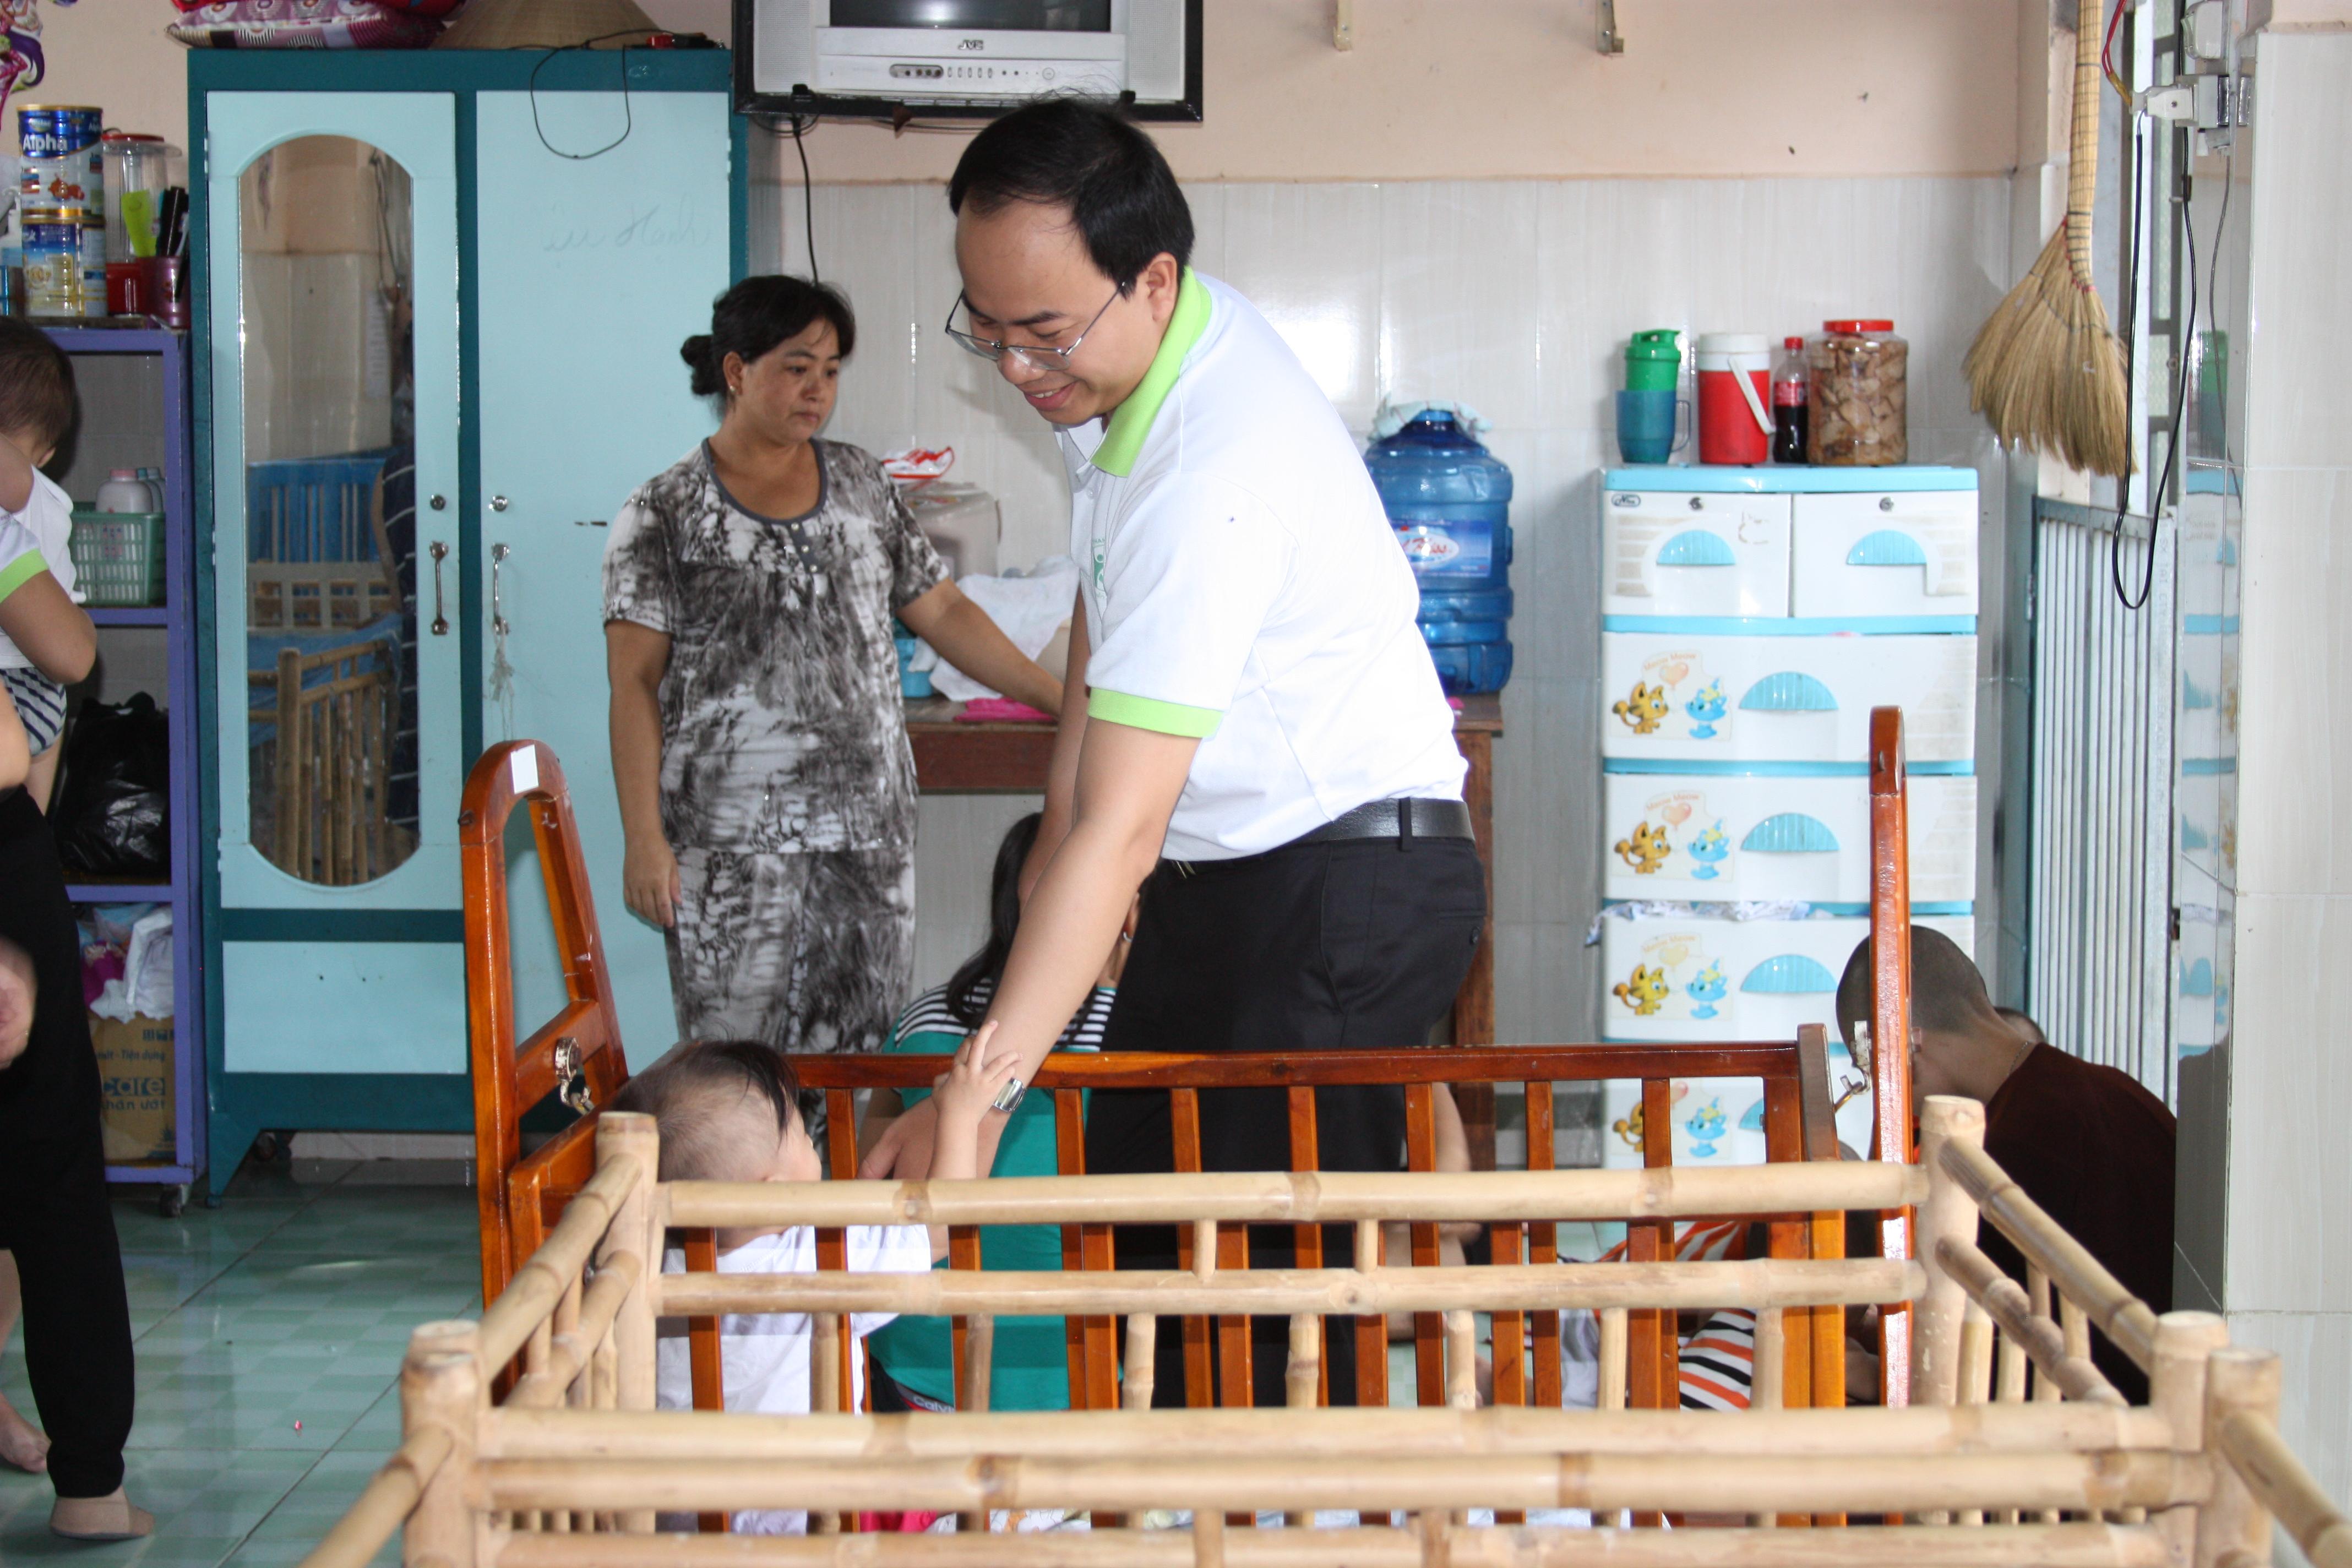 đông y thanh tuấn đi từ thiện 09